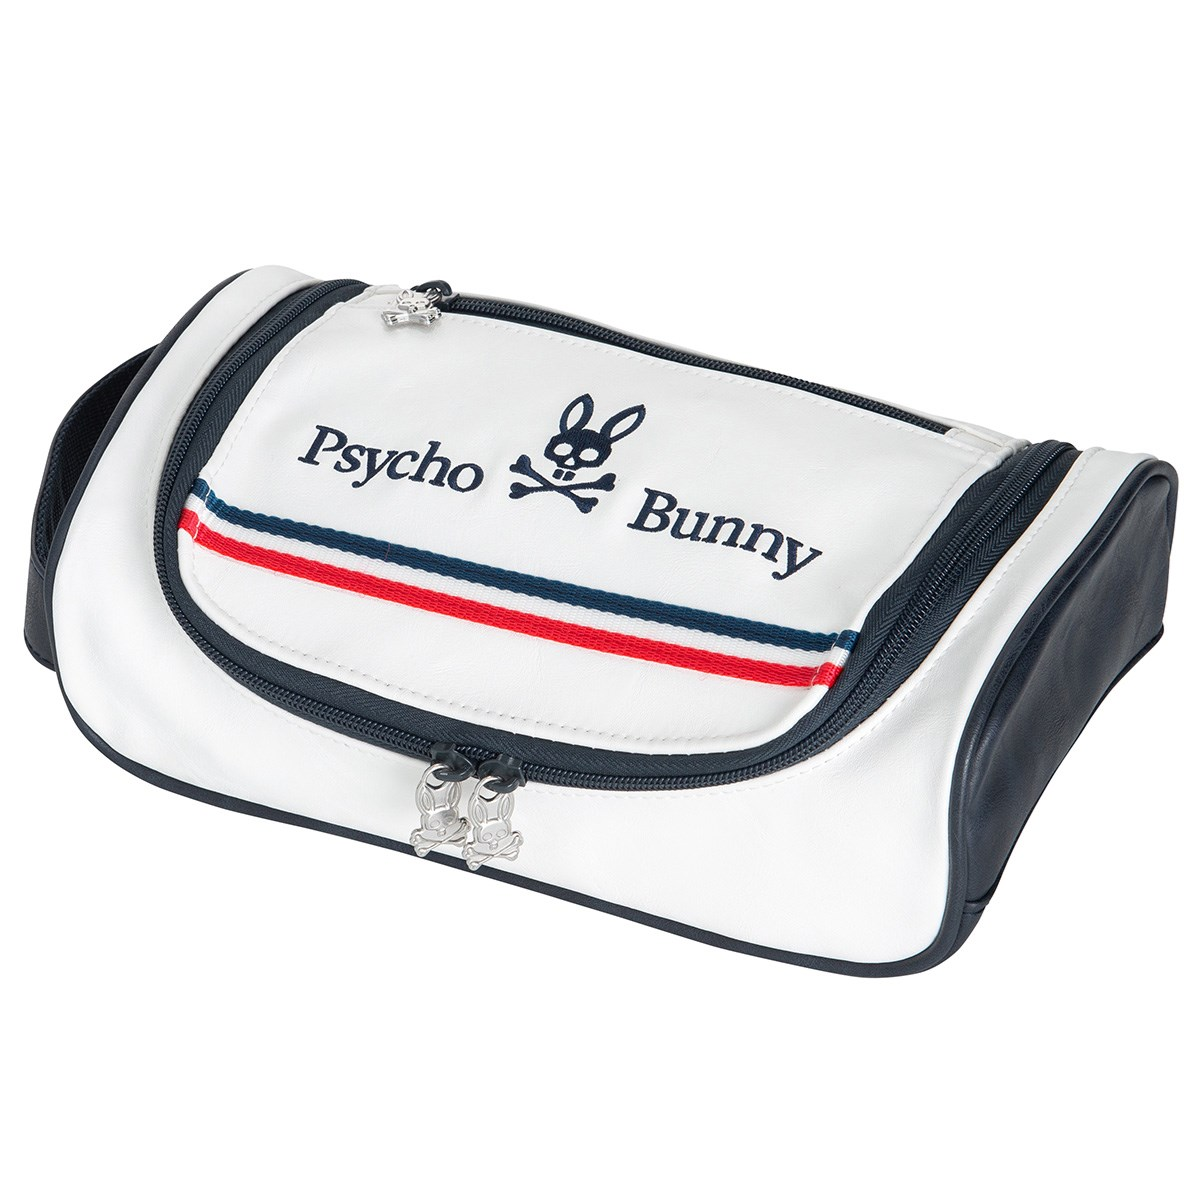 サイコバニー PSYCHO BUNNY FLAG ポーチ ホワイト 00